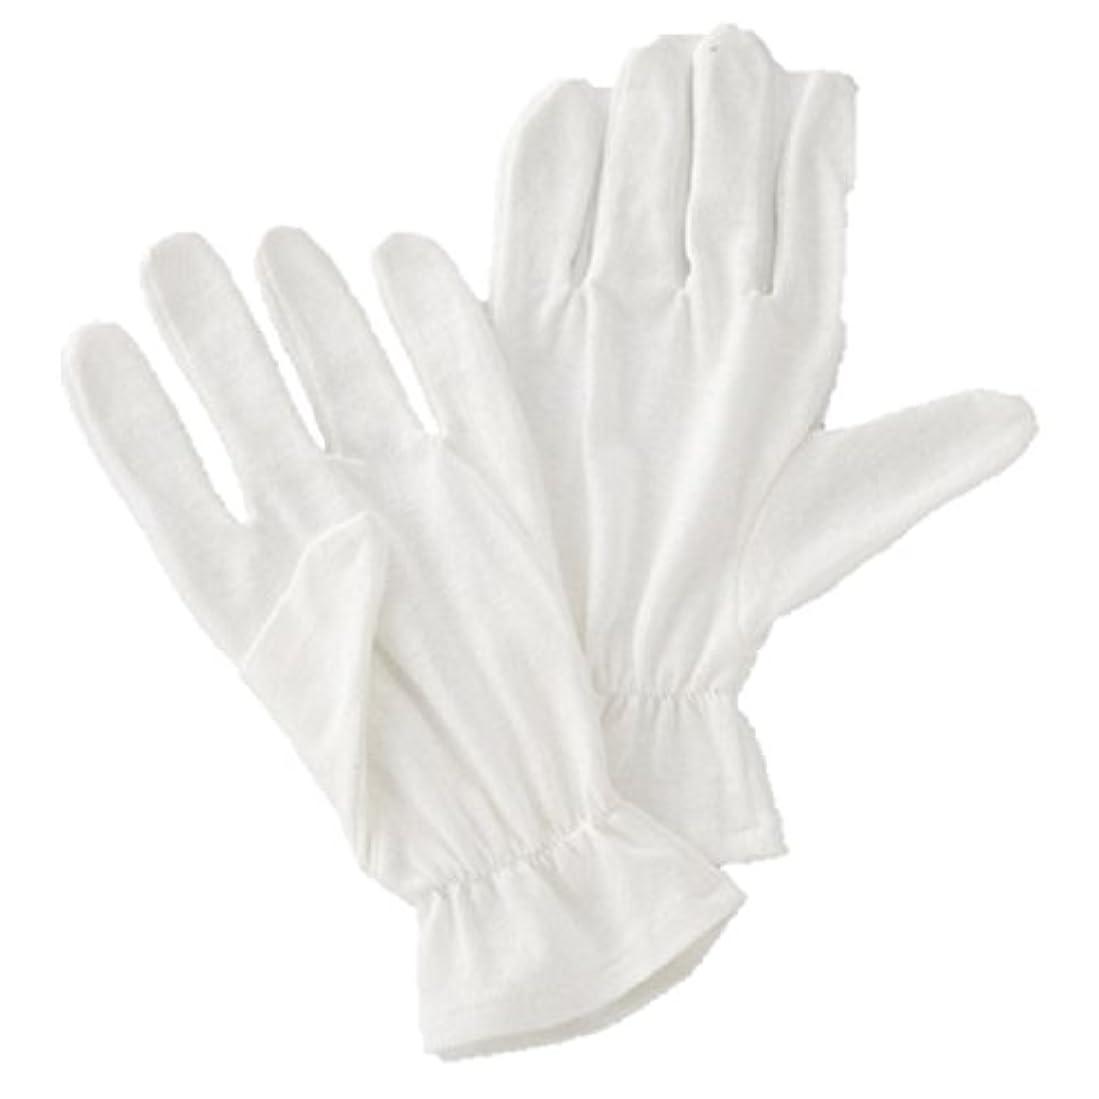 落とし穴落花生弾丸薄型インナーコットン手袋 8枚入 コットン手袋 インナー手袋 薄型 綿100% 作業用 白手袋